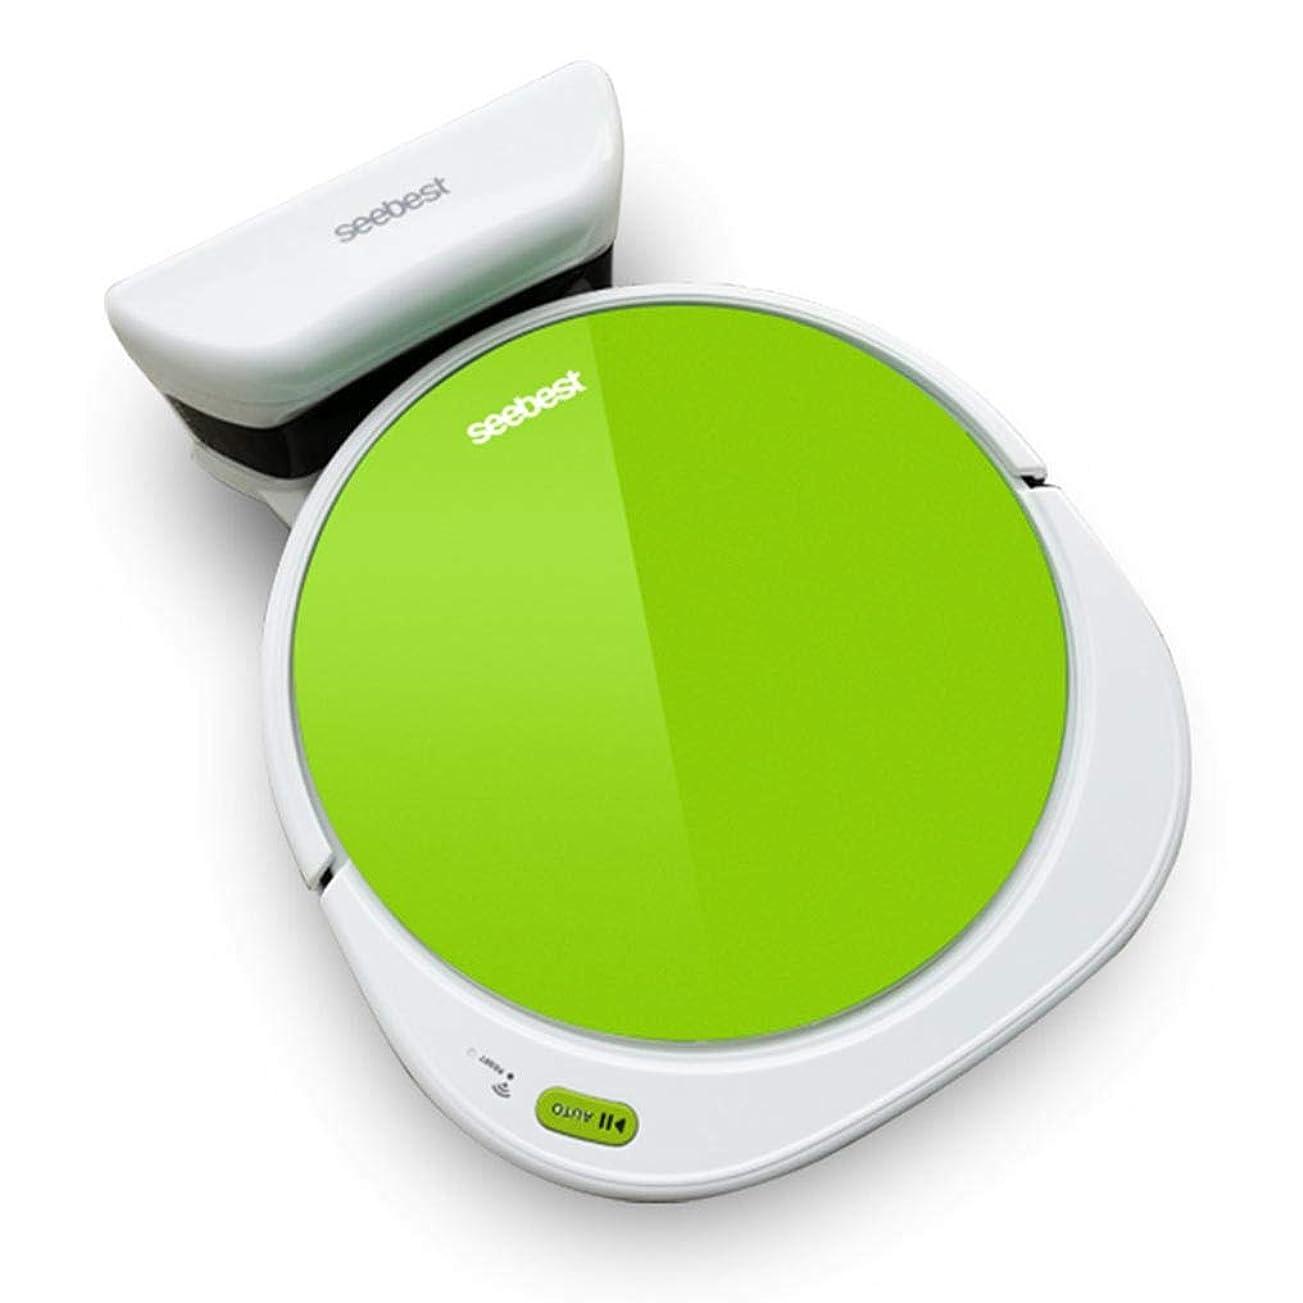 縮れた移動するキャストロボット掃除機自動的にドック超サイレントウェットモップ強力な吸引多彩なクリーニングモードにより、すべてのフロアタイプをクリーニング, Green